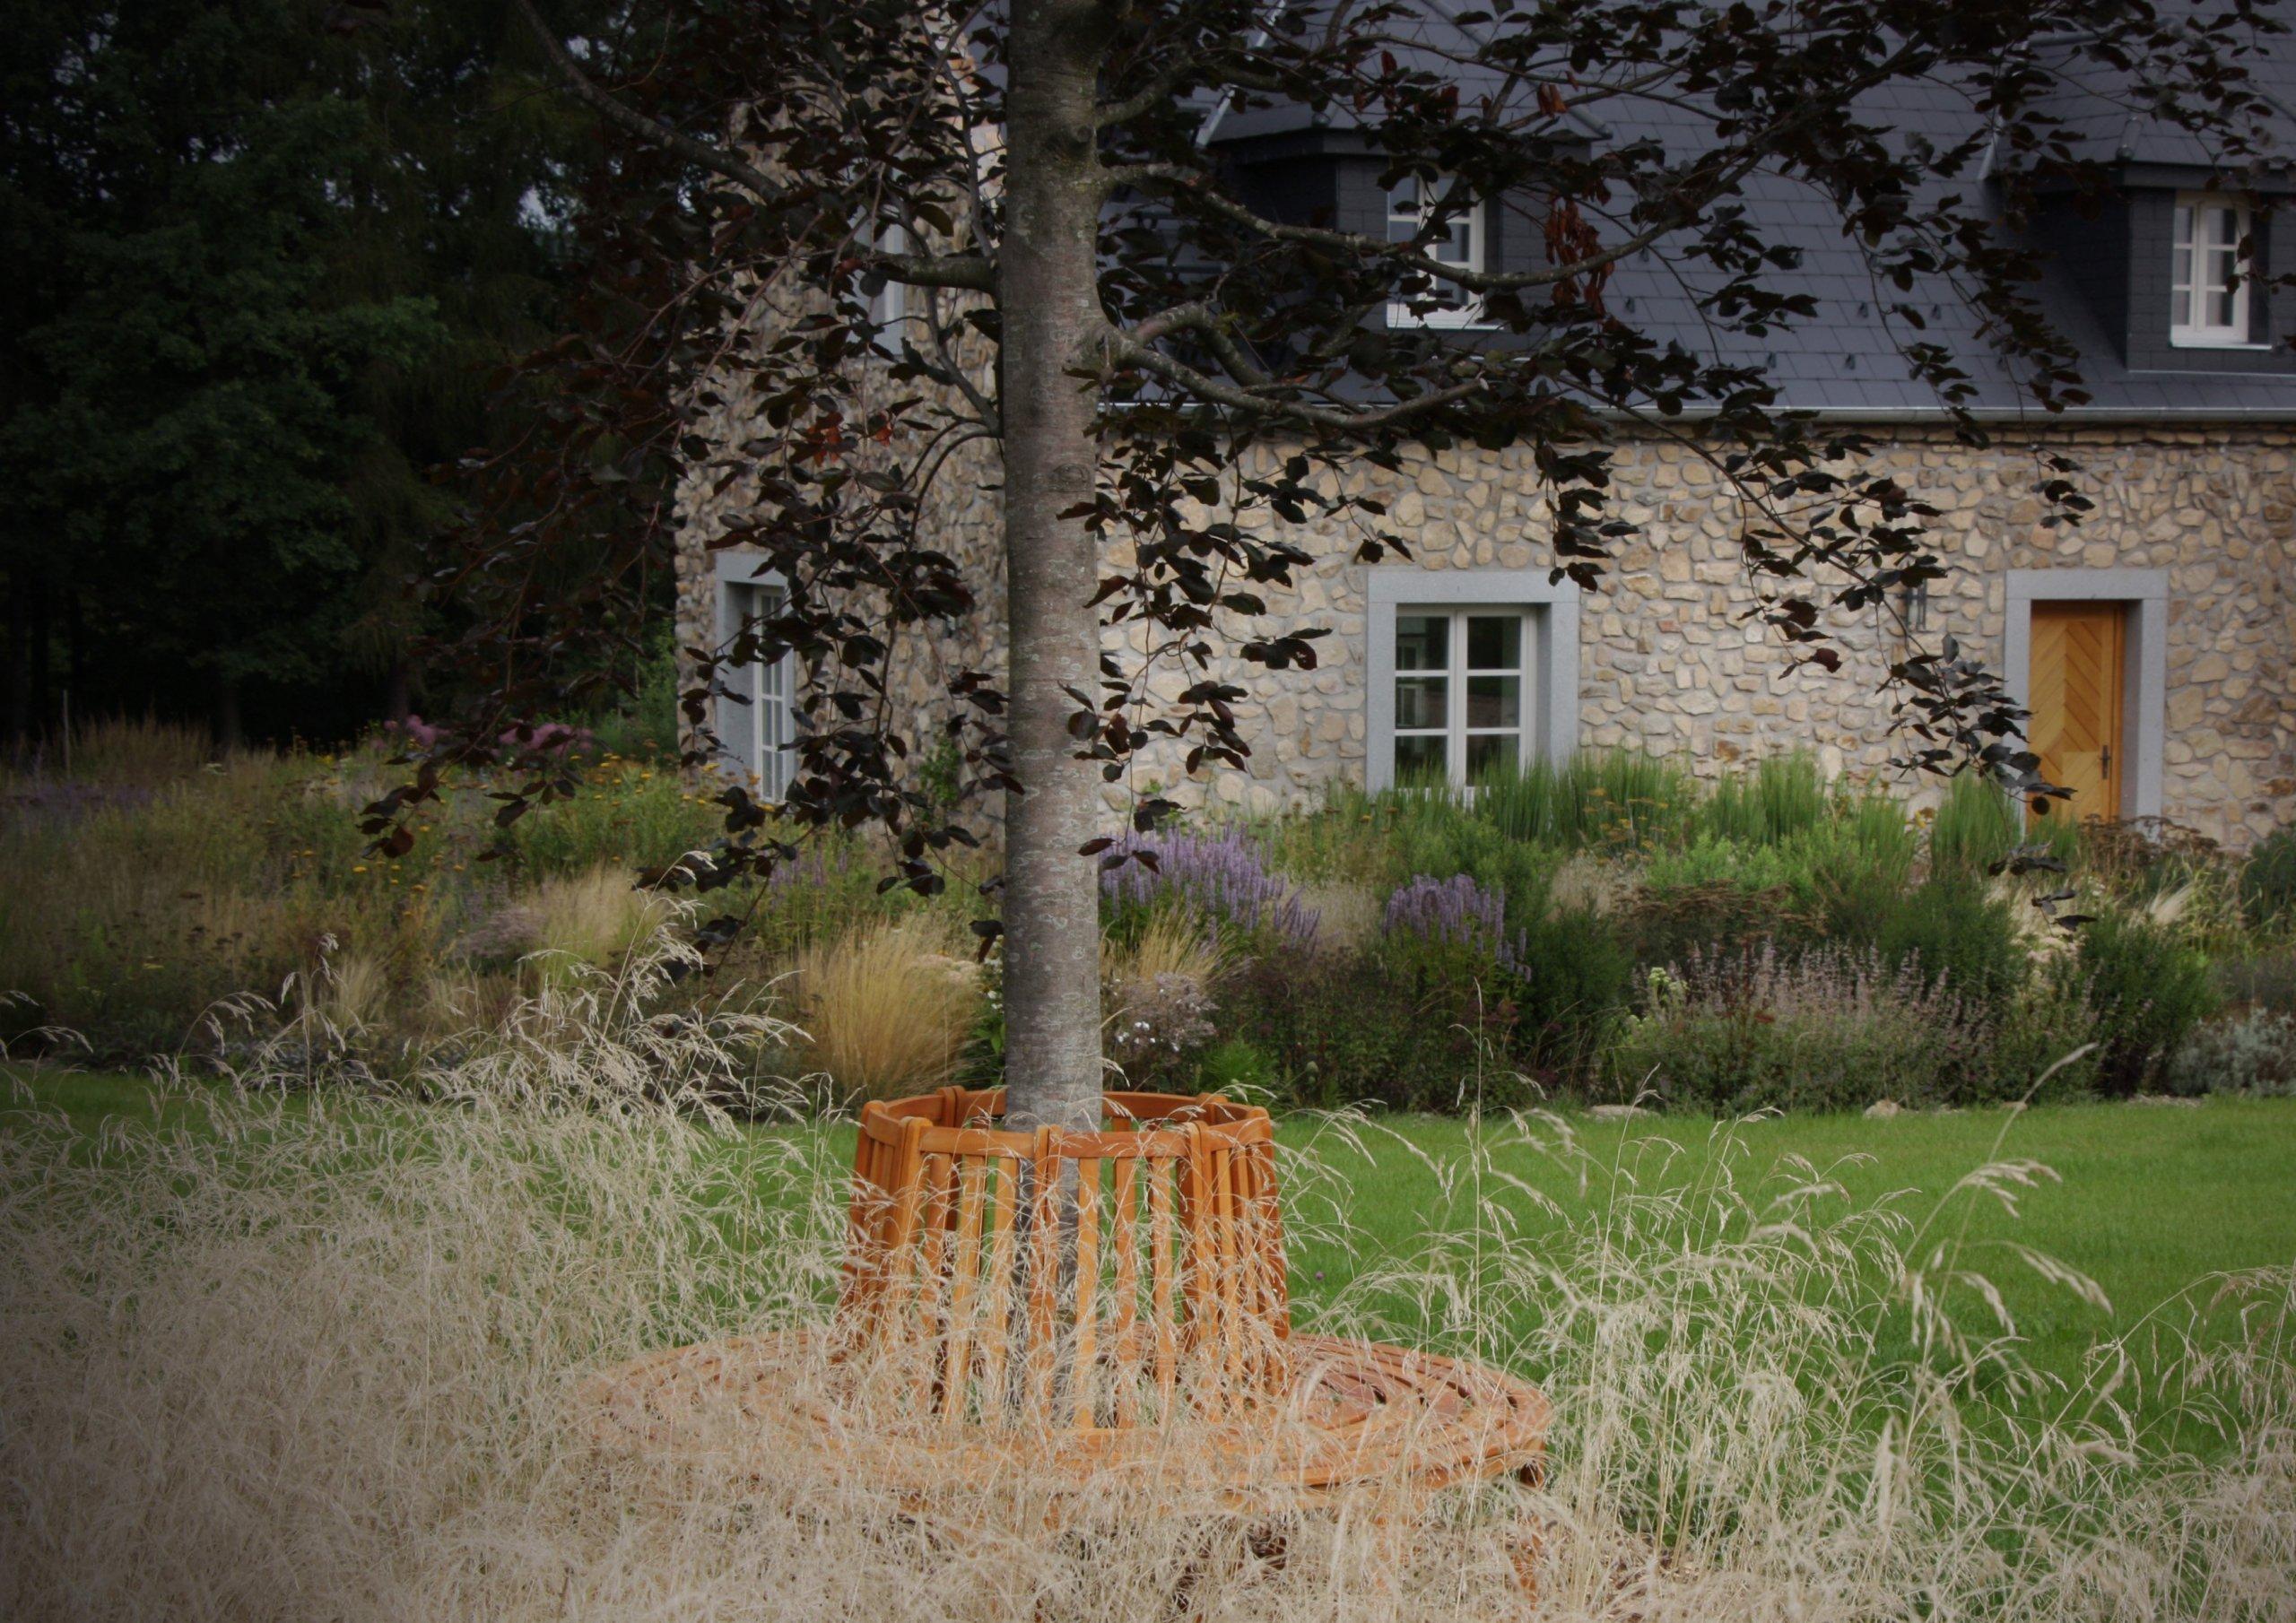 Dům v bretaňském stylu je sladěn se zahradou.